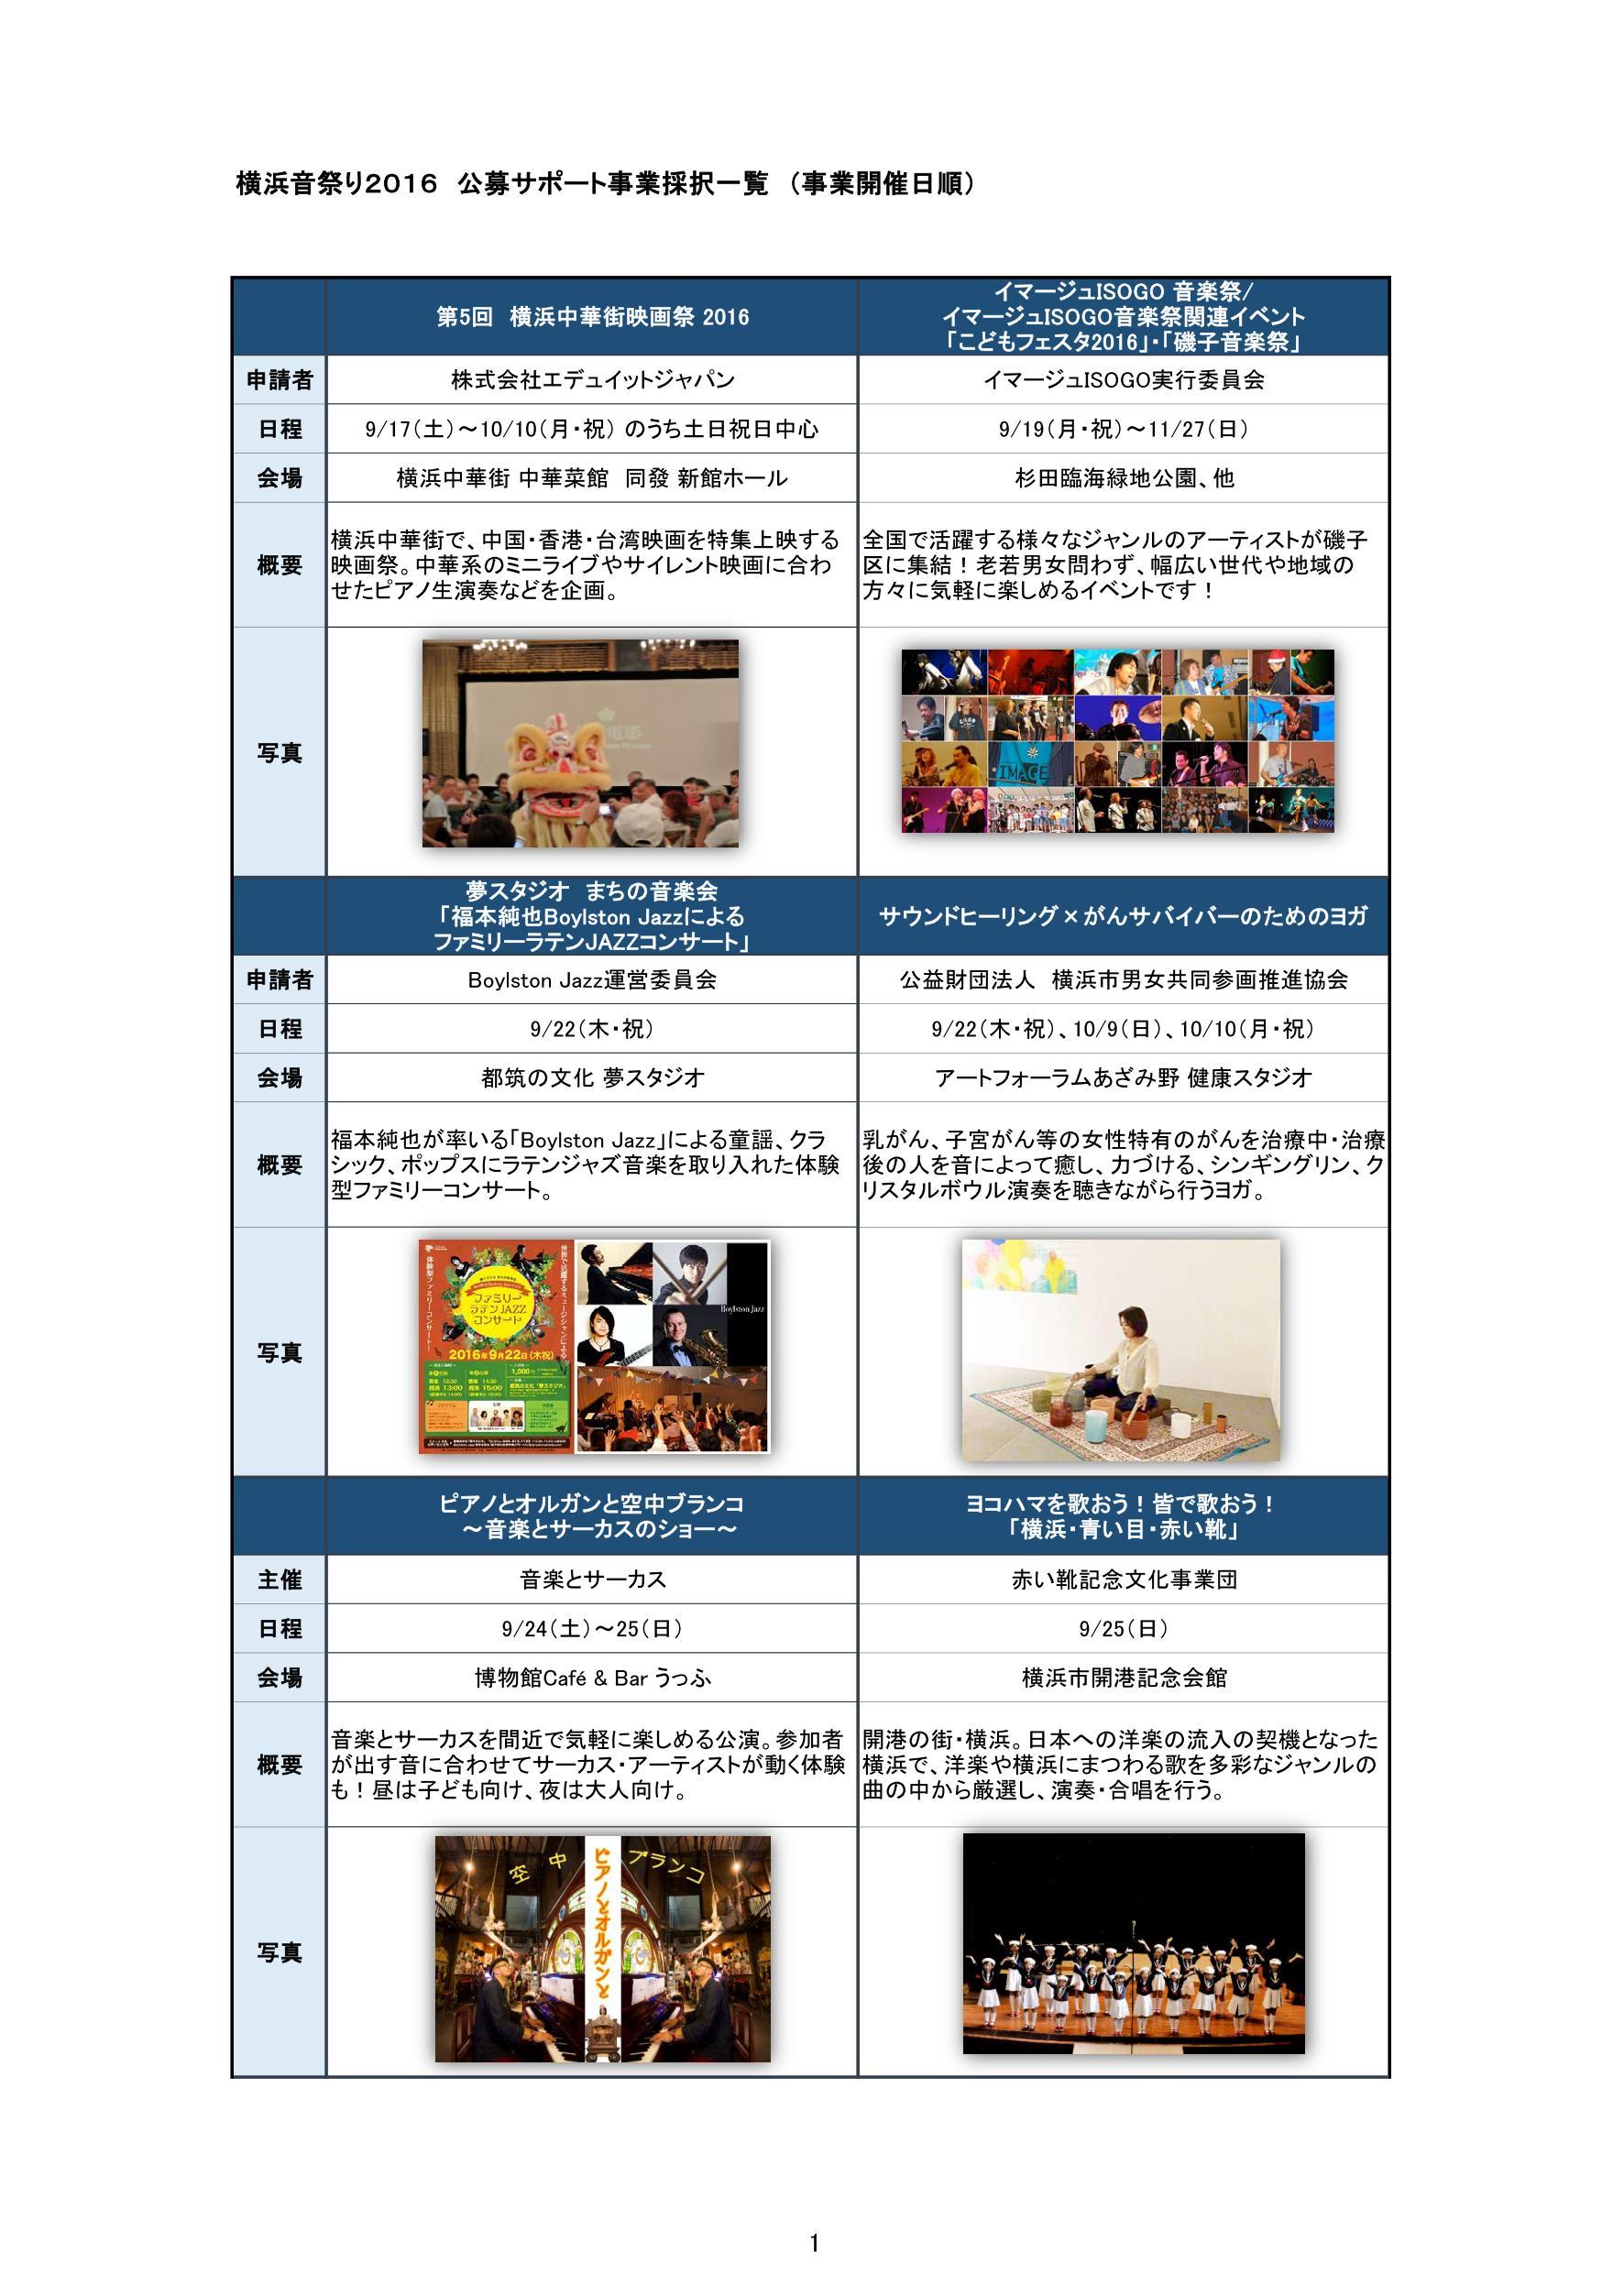 http://yokooto.jp/wp-content/uploads/2016/07/koubo1.jpg